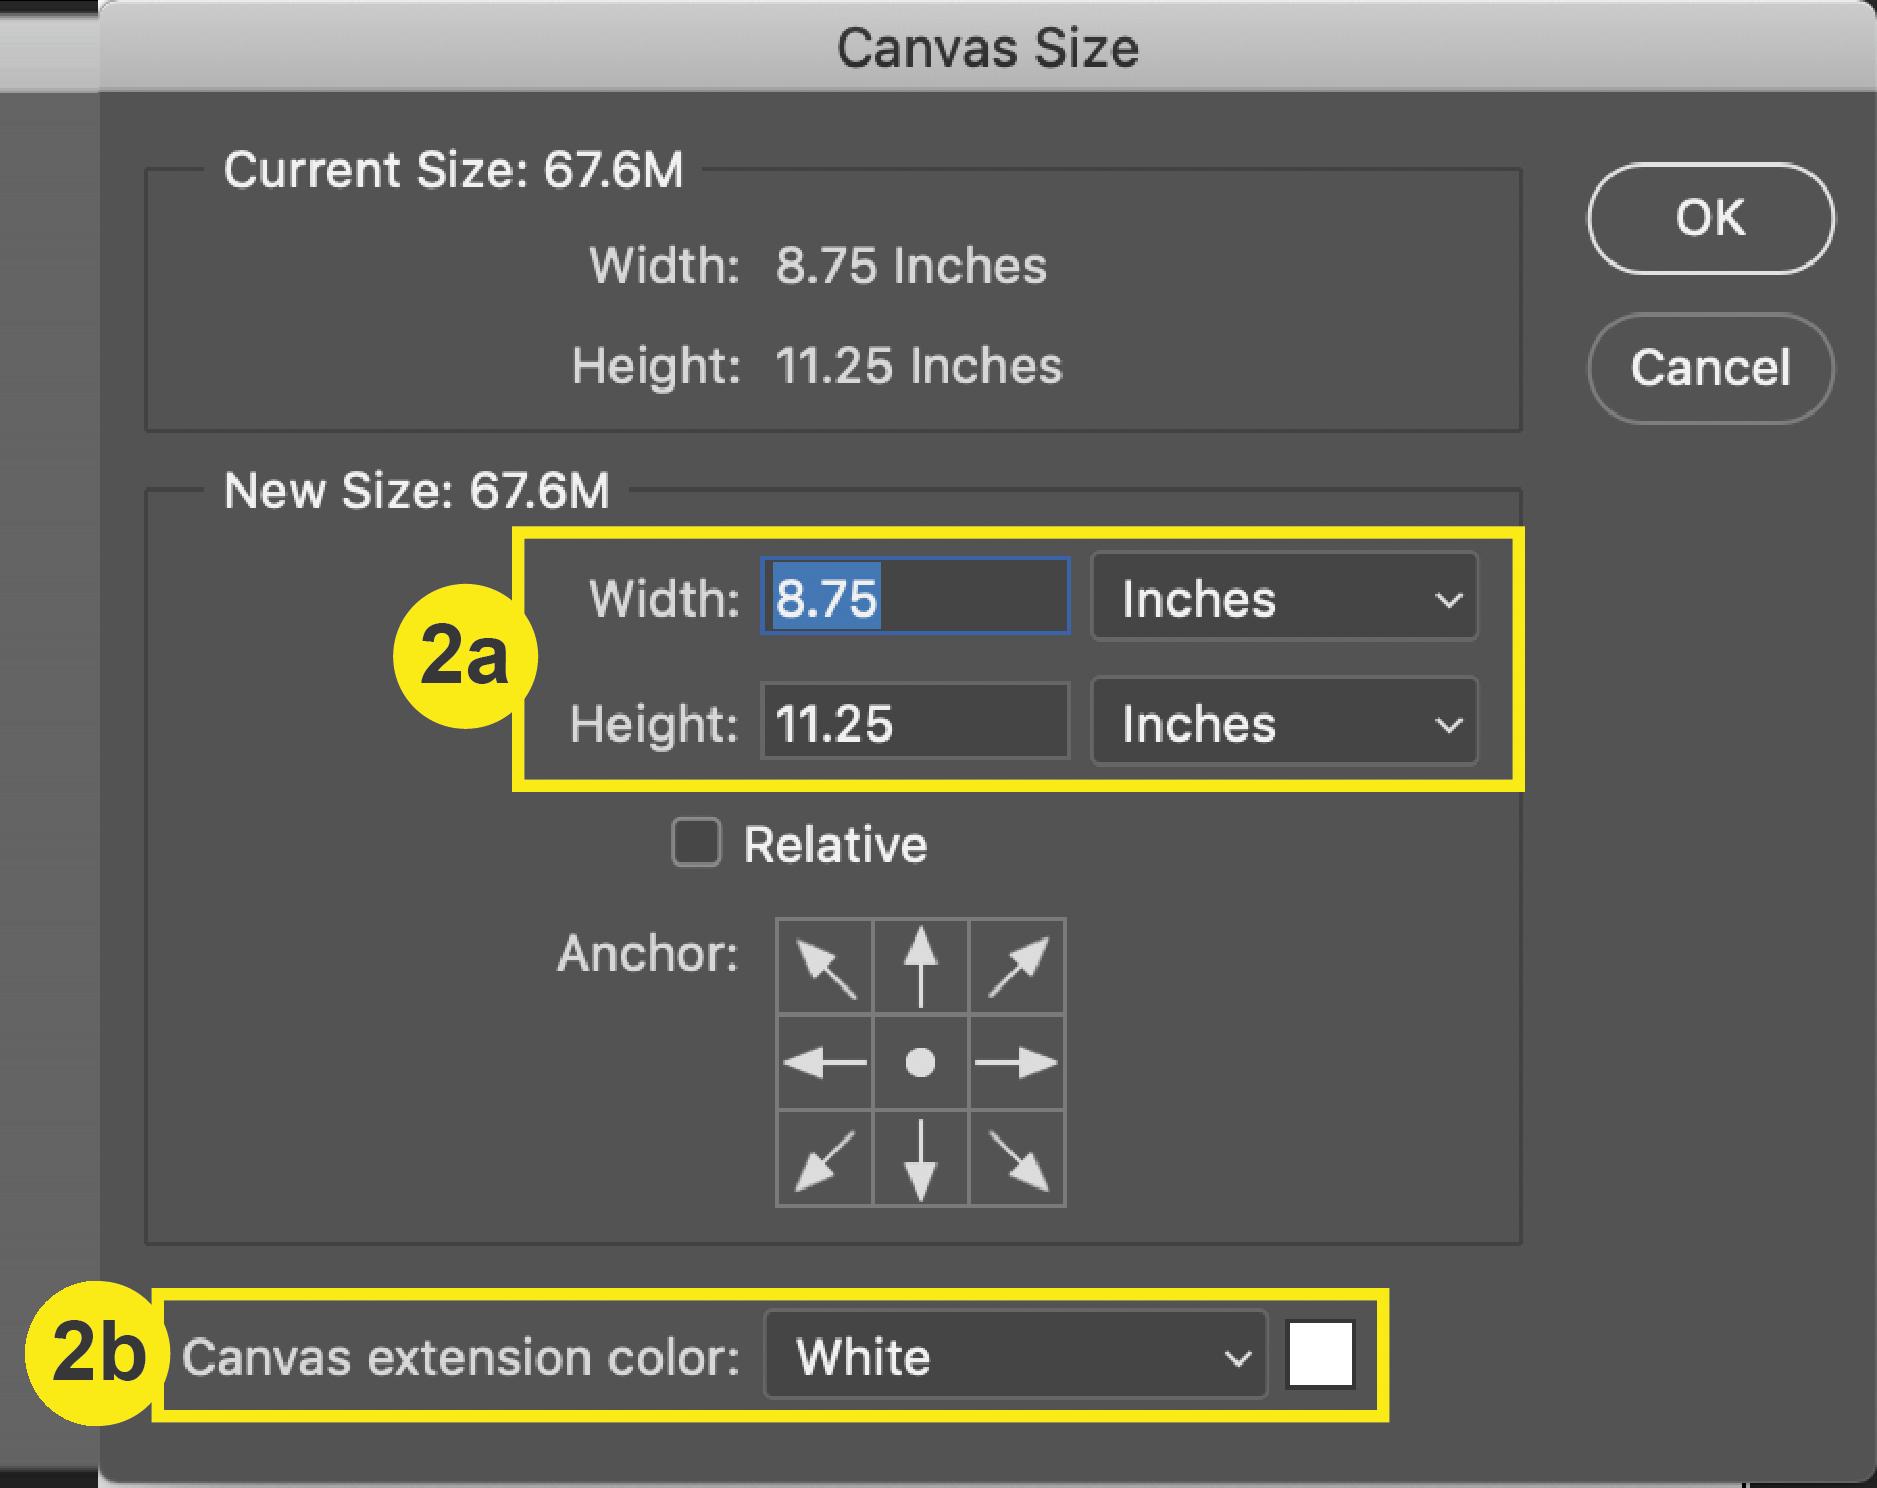 Photoshop_Canvas Size